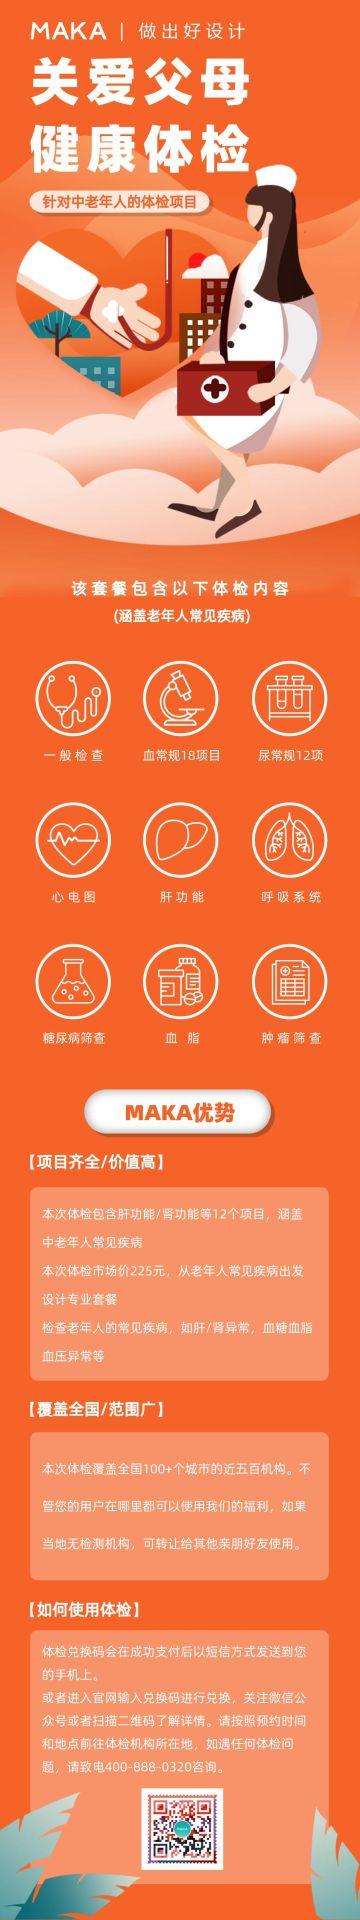 橙色扁平关爱父母医疗健康体检文章长图